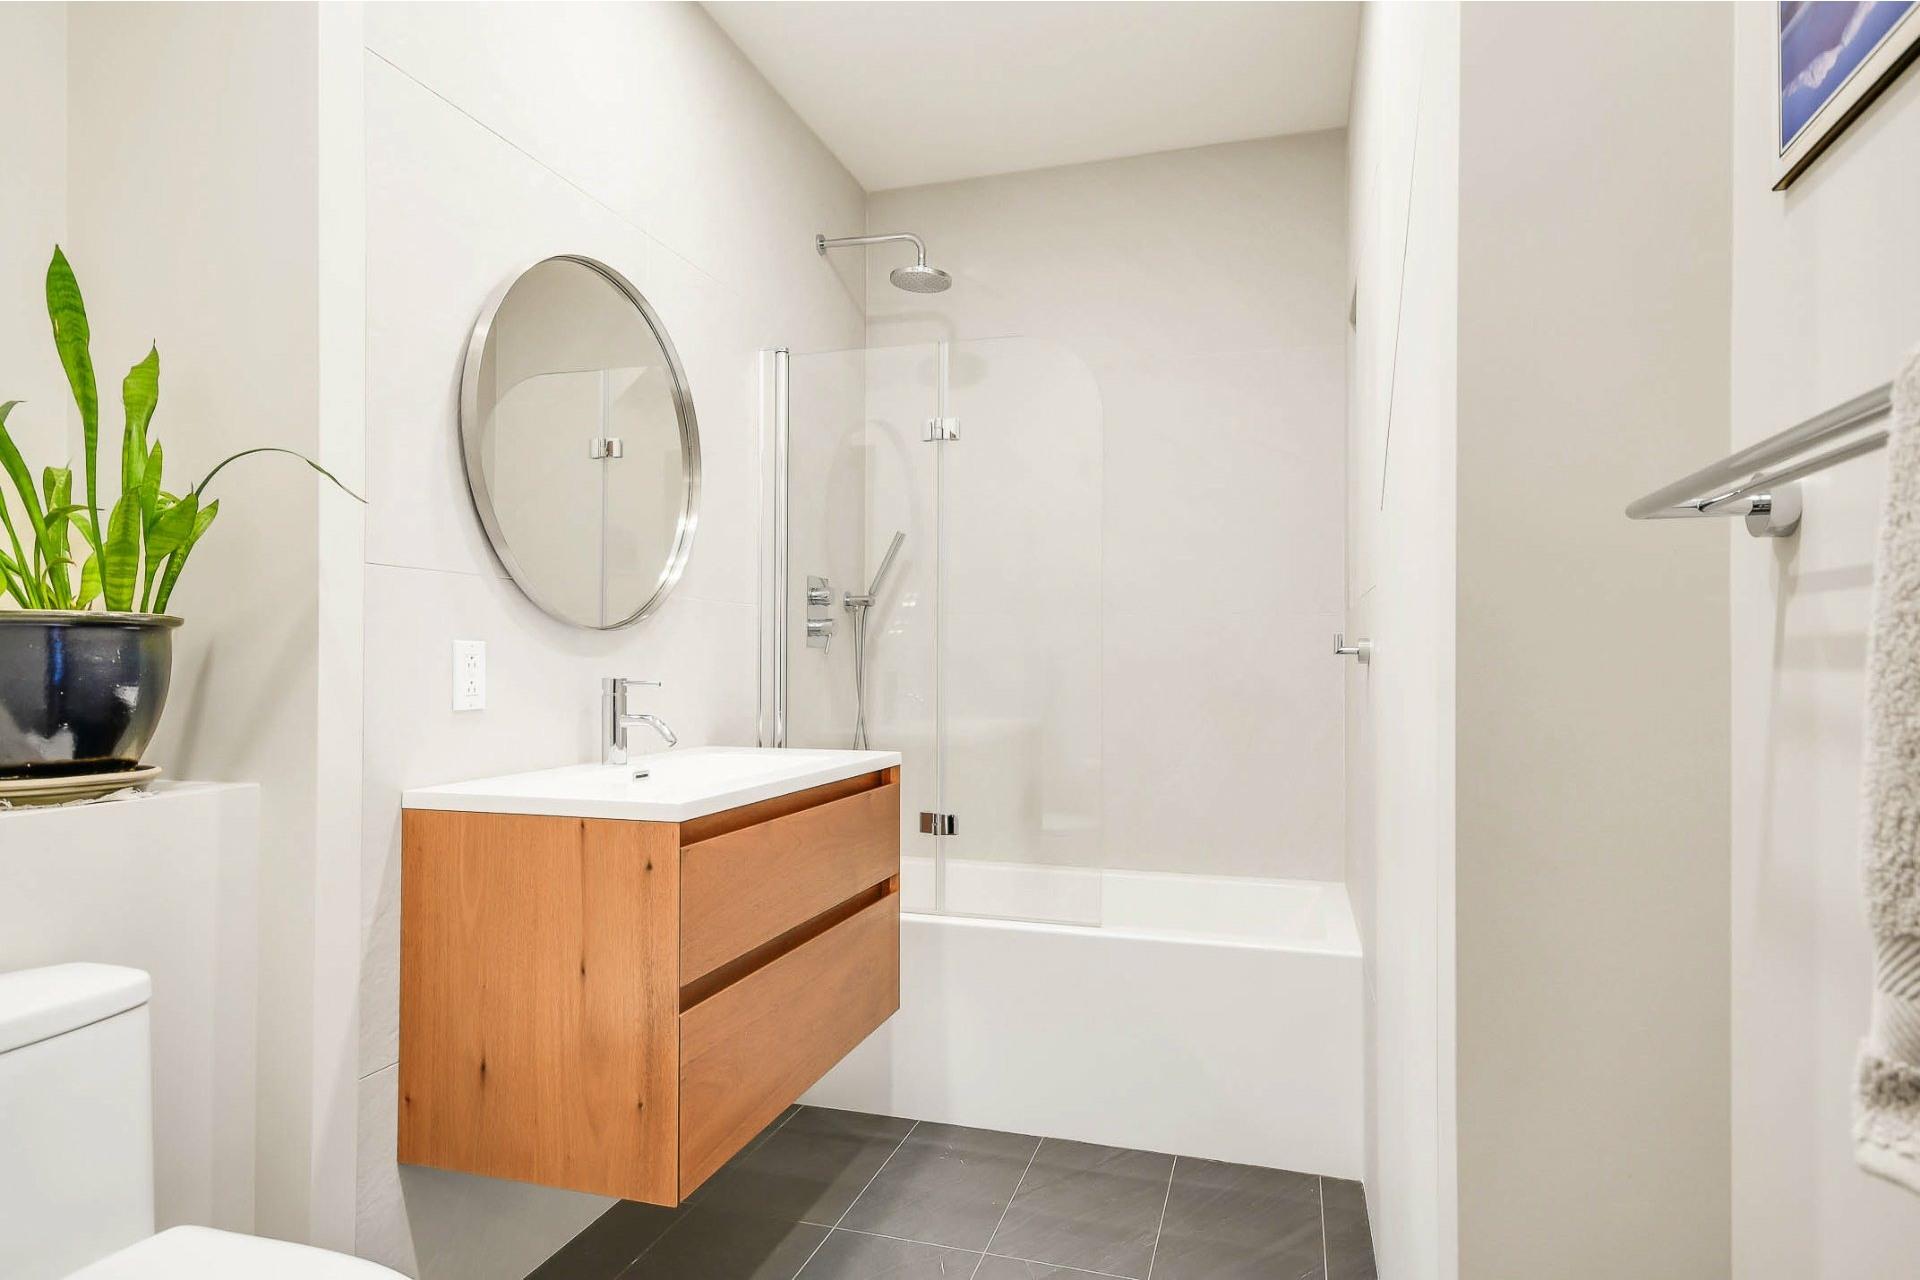 image 9 - Appartement À vendre Le Plateau-Mont-Royal Montréal  - 8 pièces